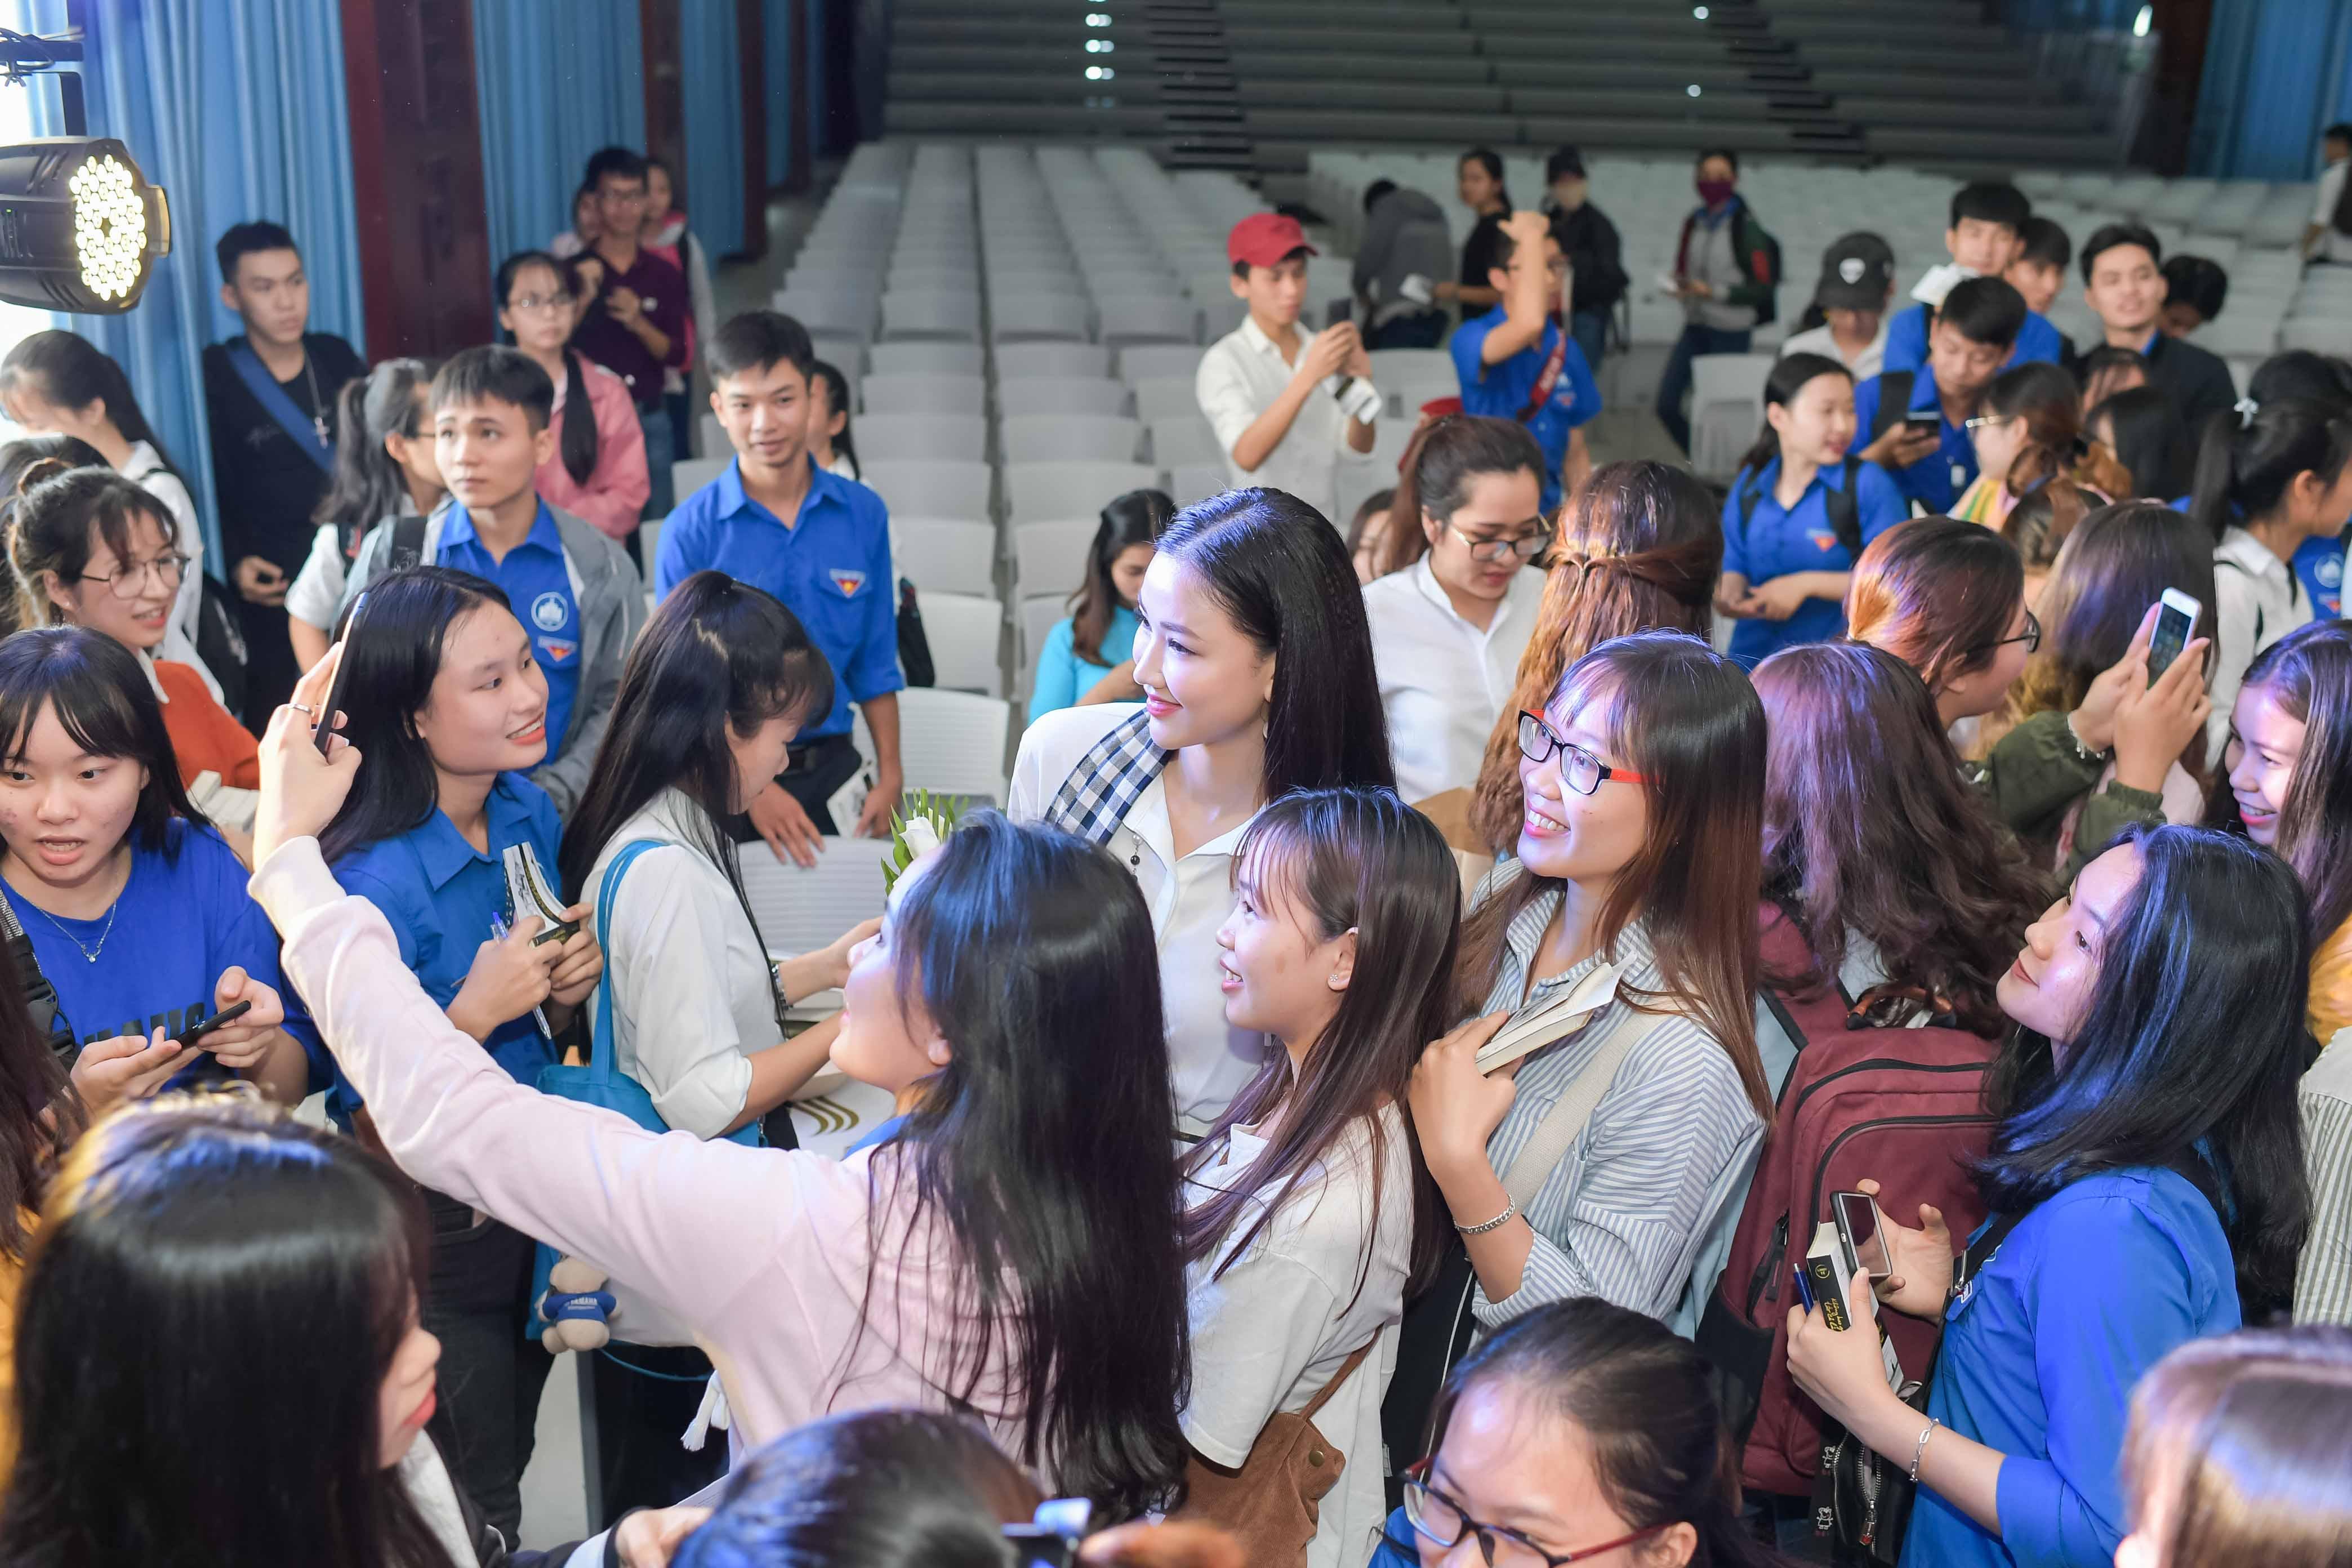 Mỹ Linh diện đầm trễ vai xinh đẹp giao lưu với sinh viên Nha Trang 5